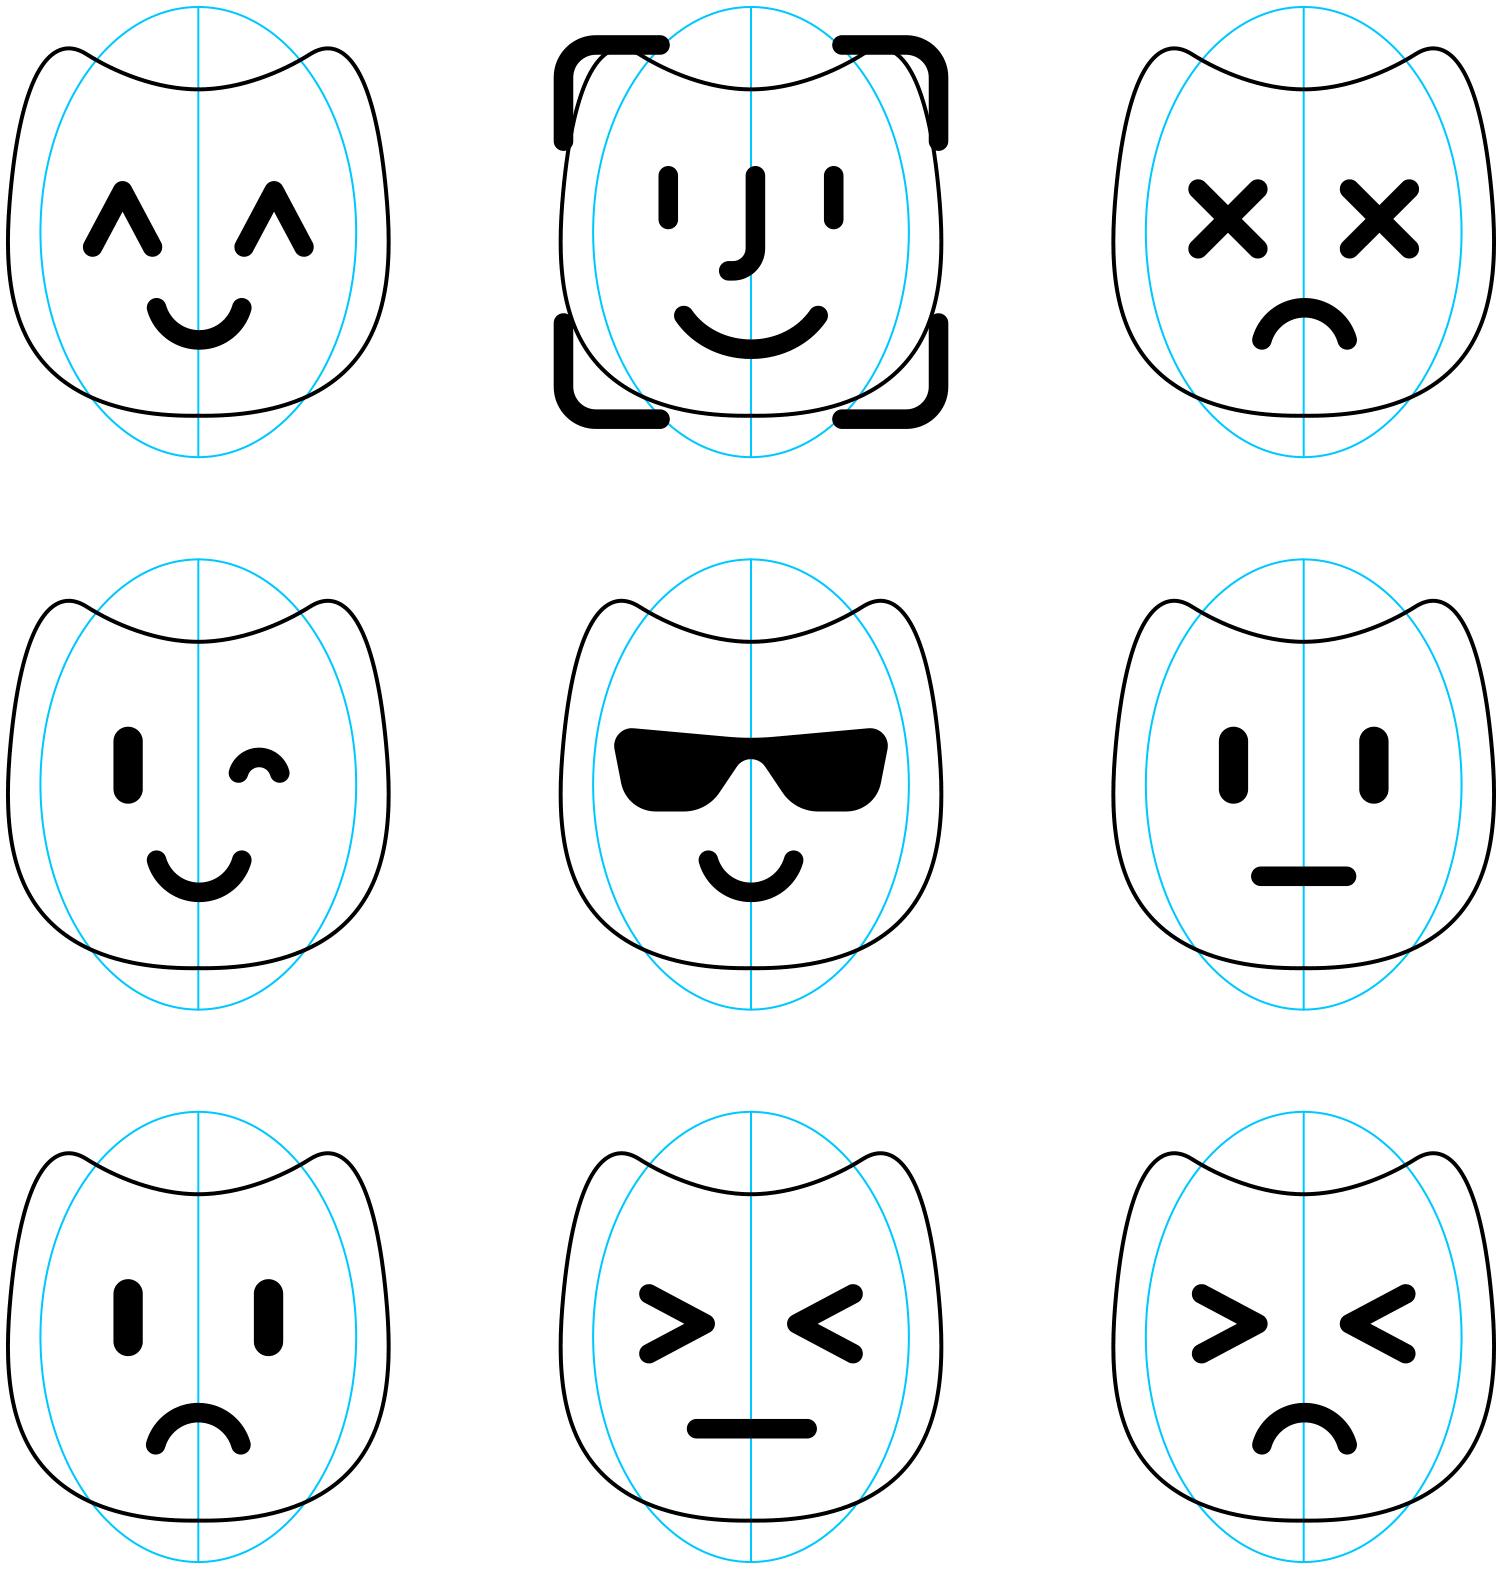 Emotions of the Altbank mobile app robot Alt.